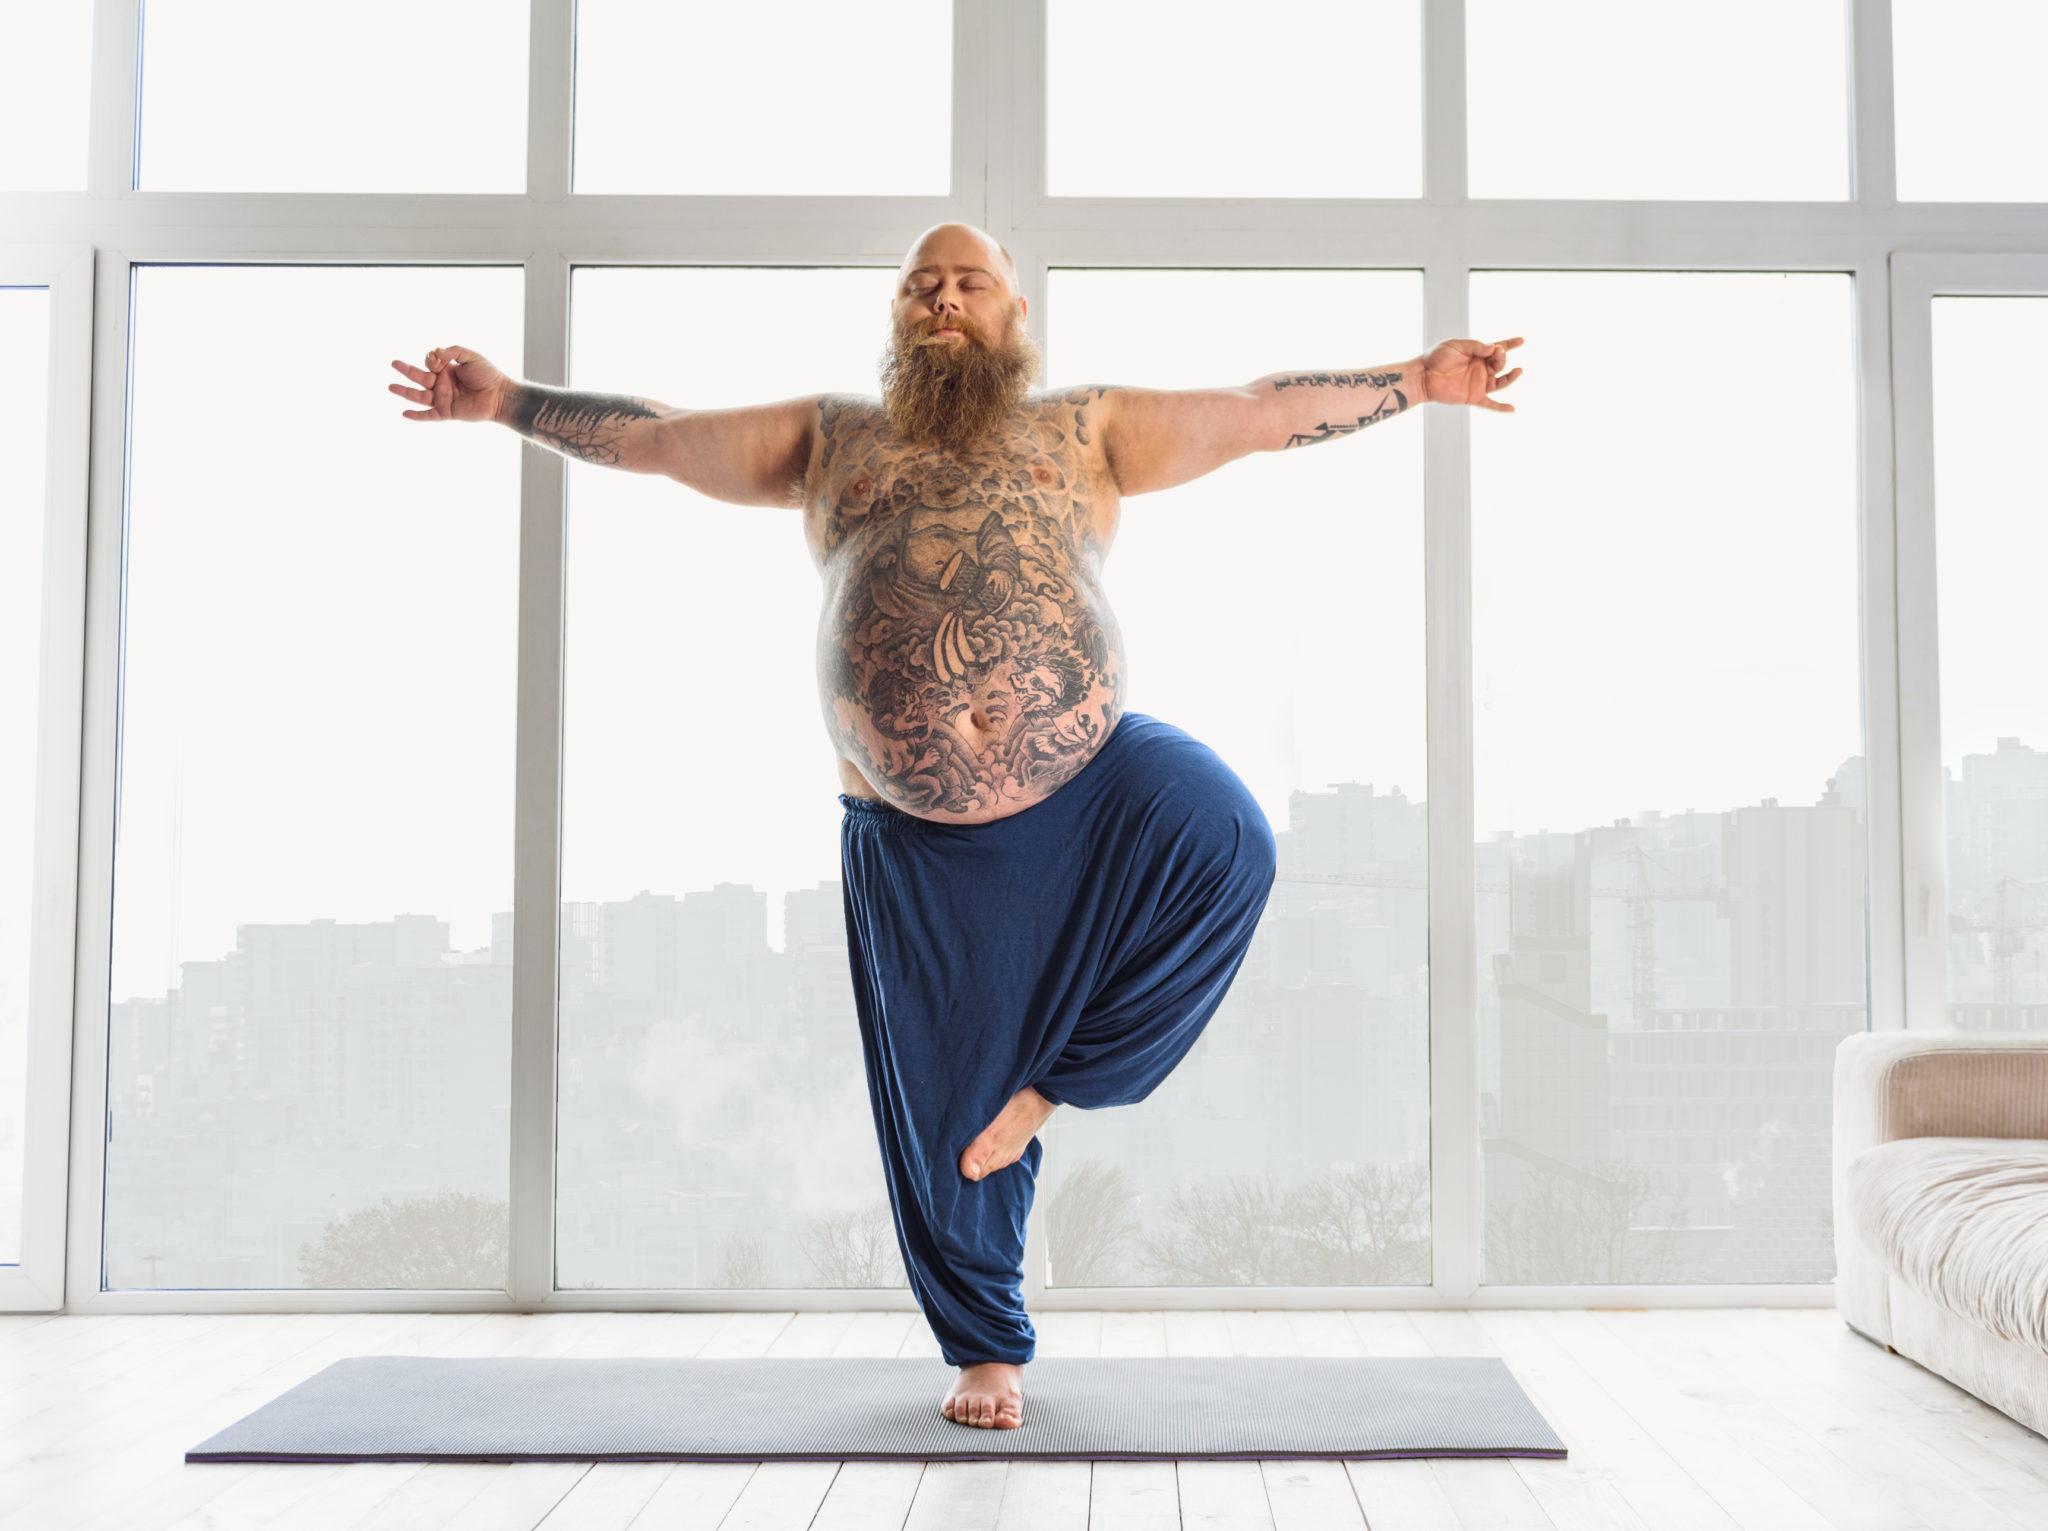 """Man sieht einen Mann mit Bart, Glatze und kugelrundem Bauch in der Yogaposition """"der Baum"""""""